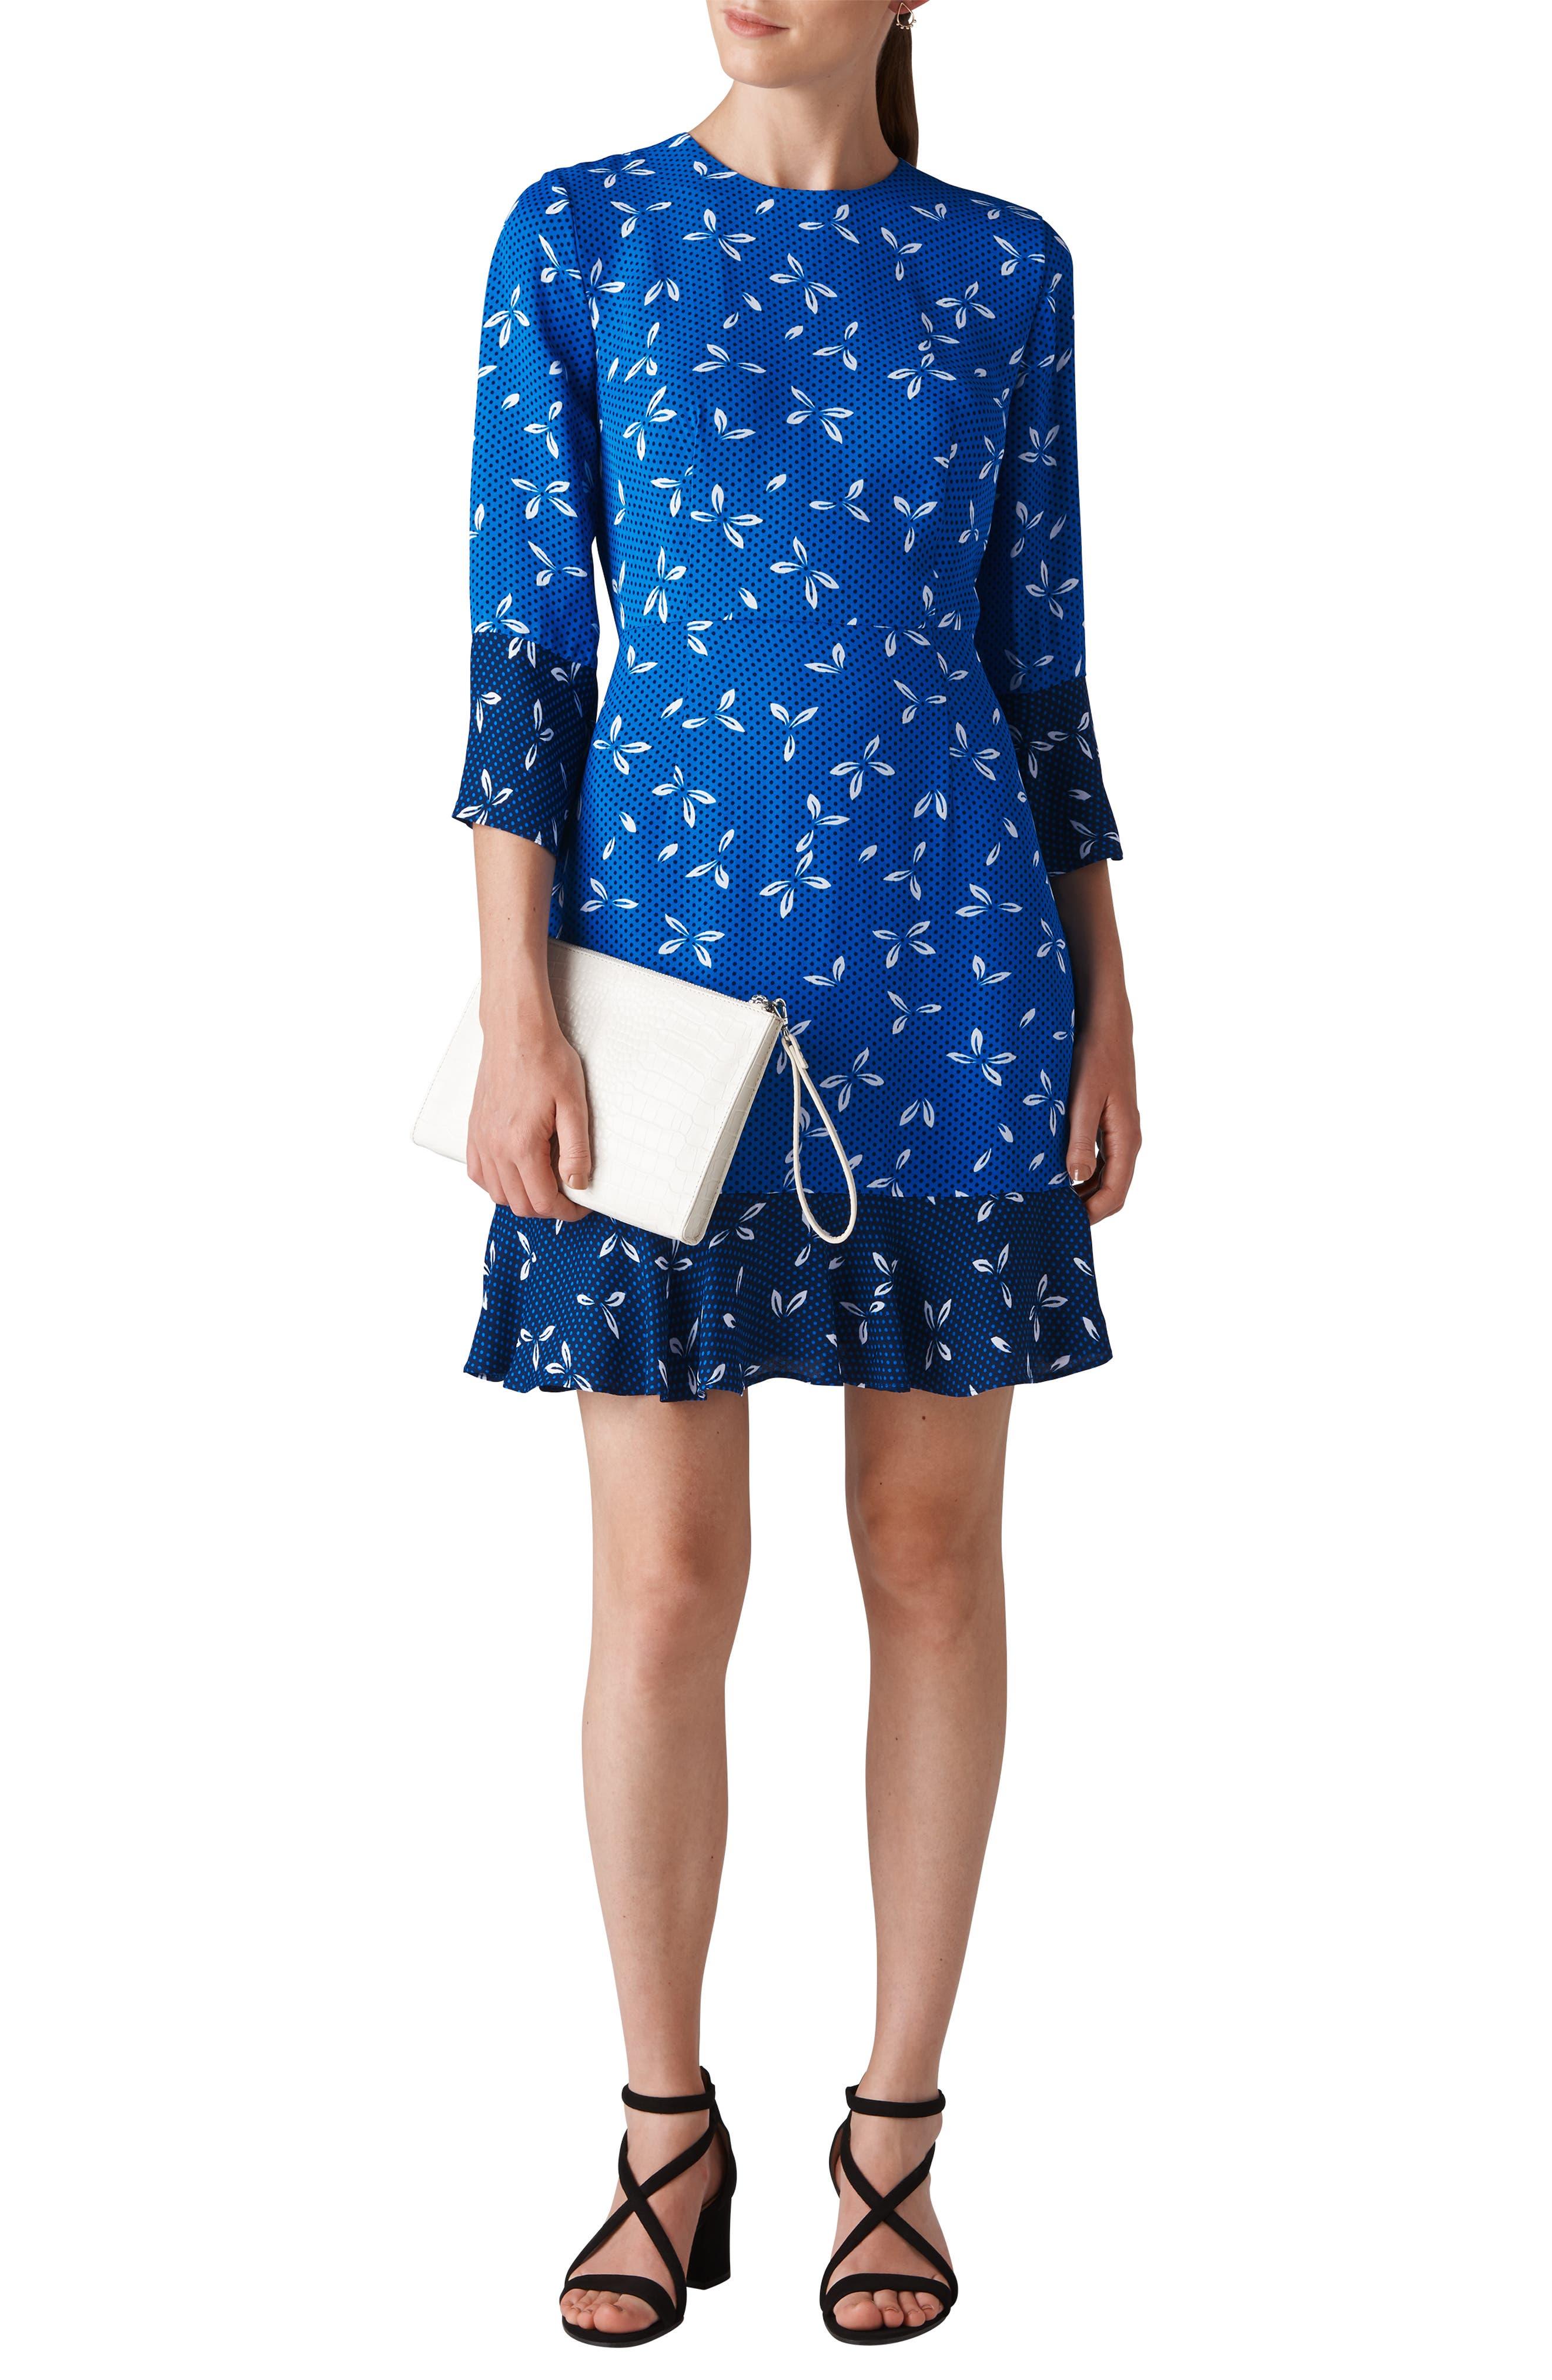 Polly Spot Print Dress,                             Main thumbnail 1, color,                             BLUE/ MULTI